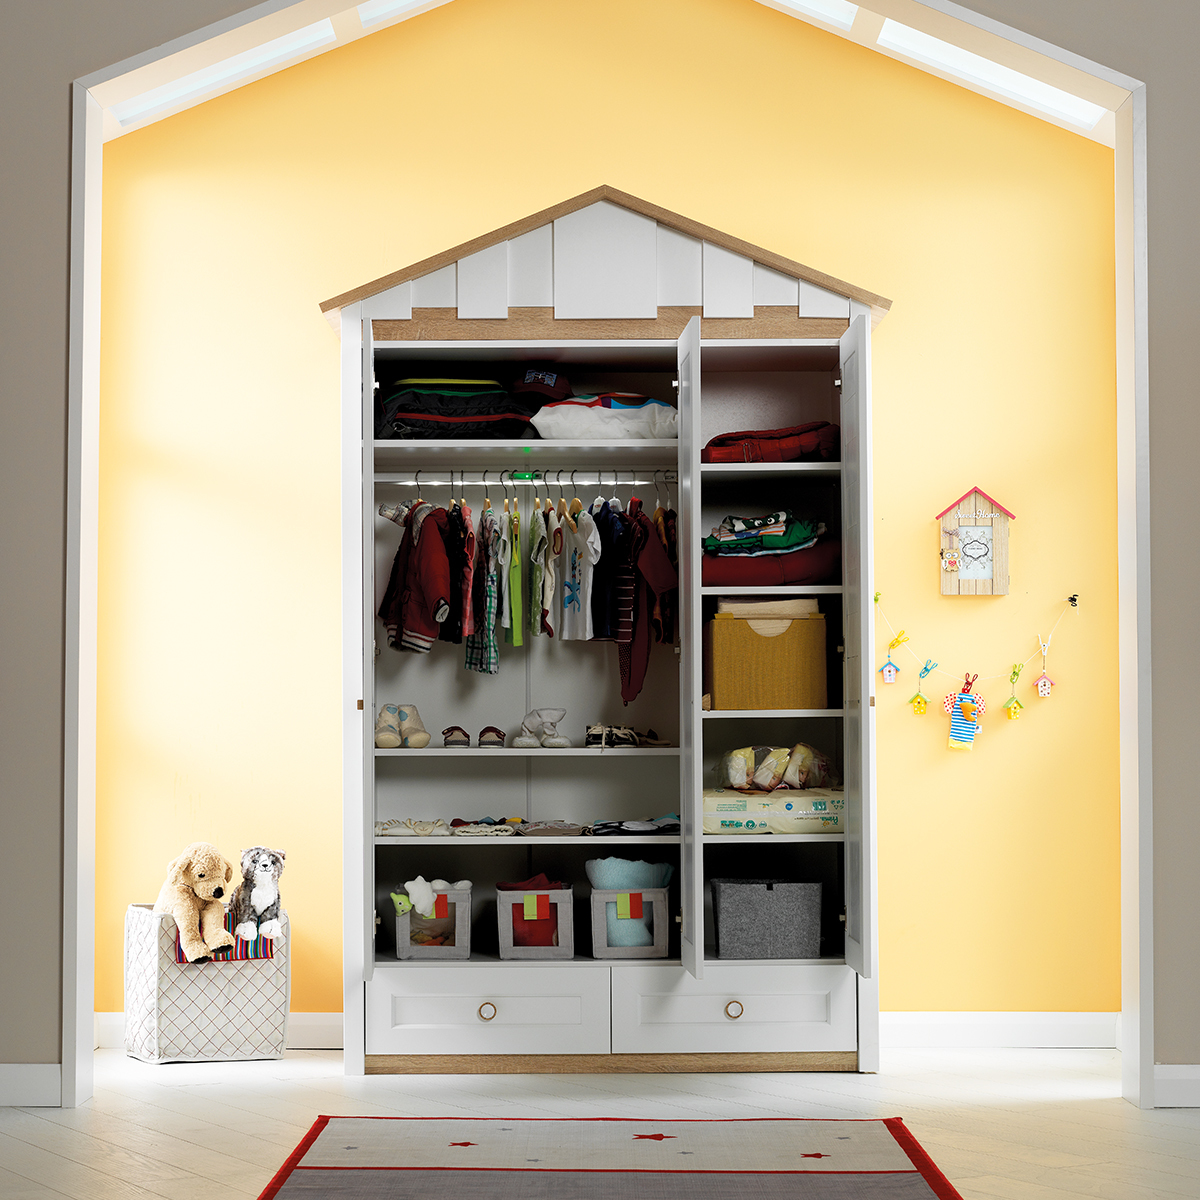 3in1 Möbel Komplettset Kinderzimmer Jugendzimmer Hausbett Kinderbett Treehouse Baumhütte Spielbett massiv – Bild 5